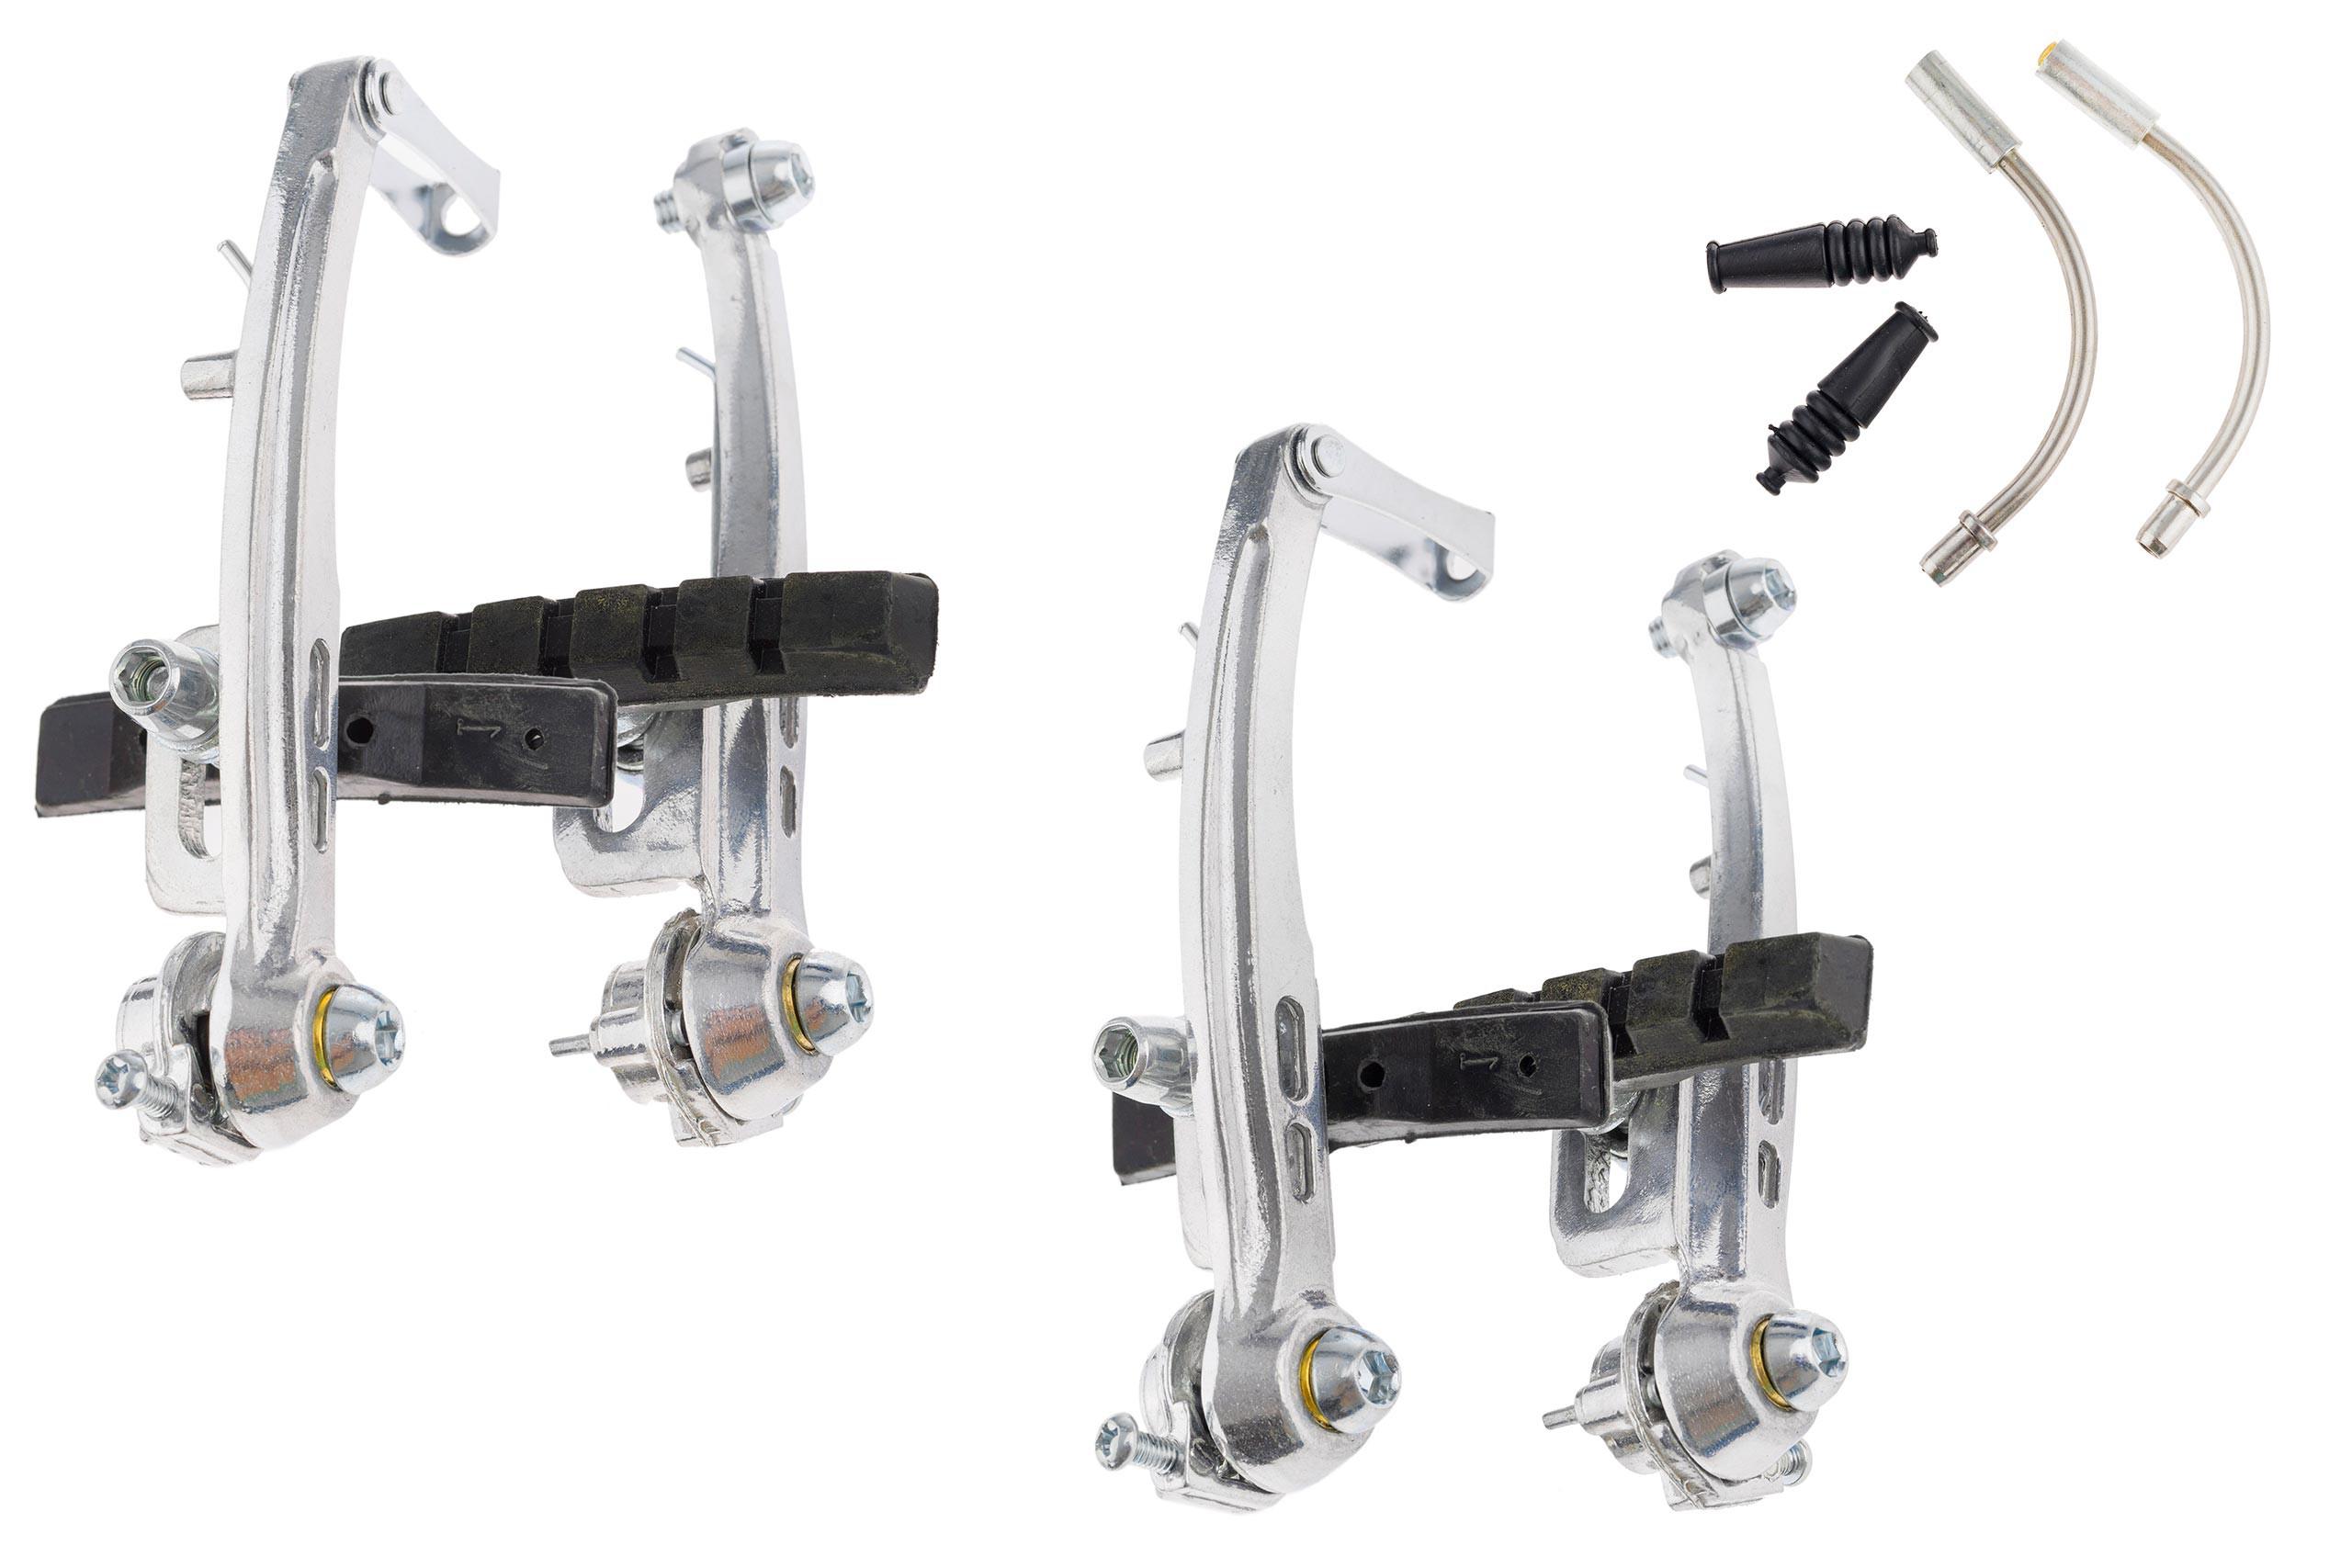 Hamulce V-brake aluminiowe 150080, 2 koła,  srebrne